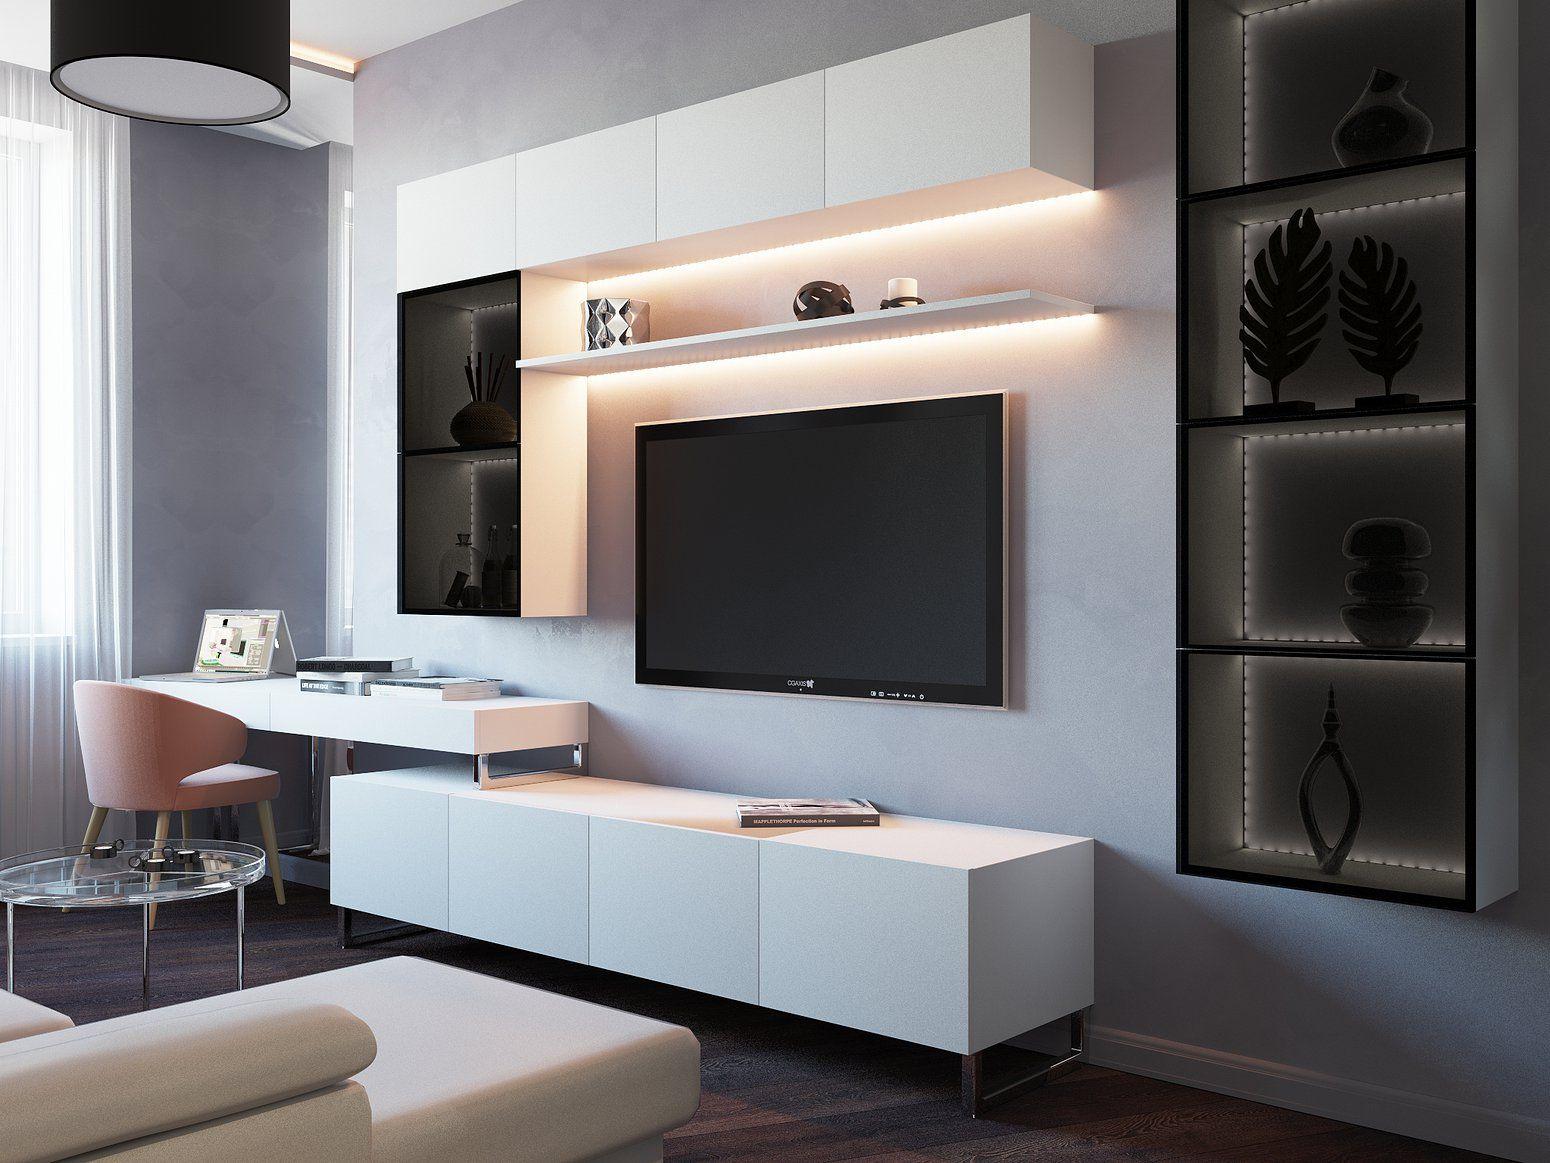 Moderne Wohnzimmer Beispiel Einrichtungsideen Renovieren Ideen